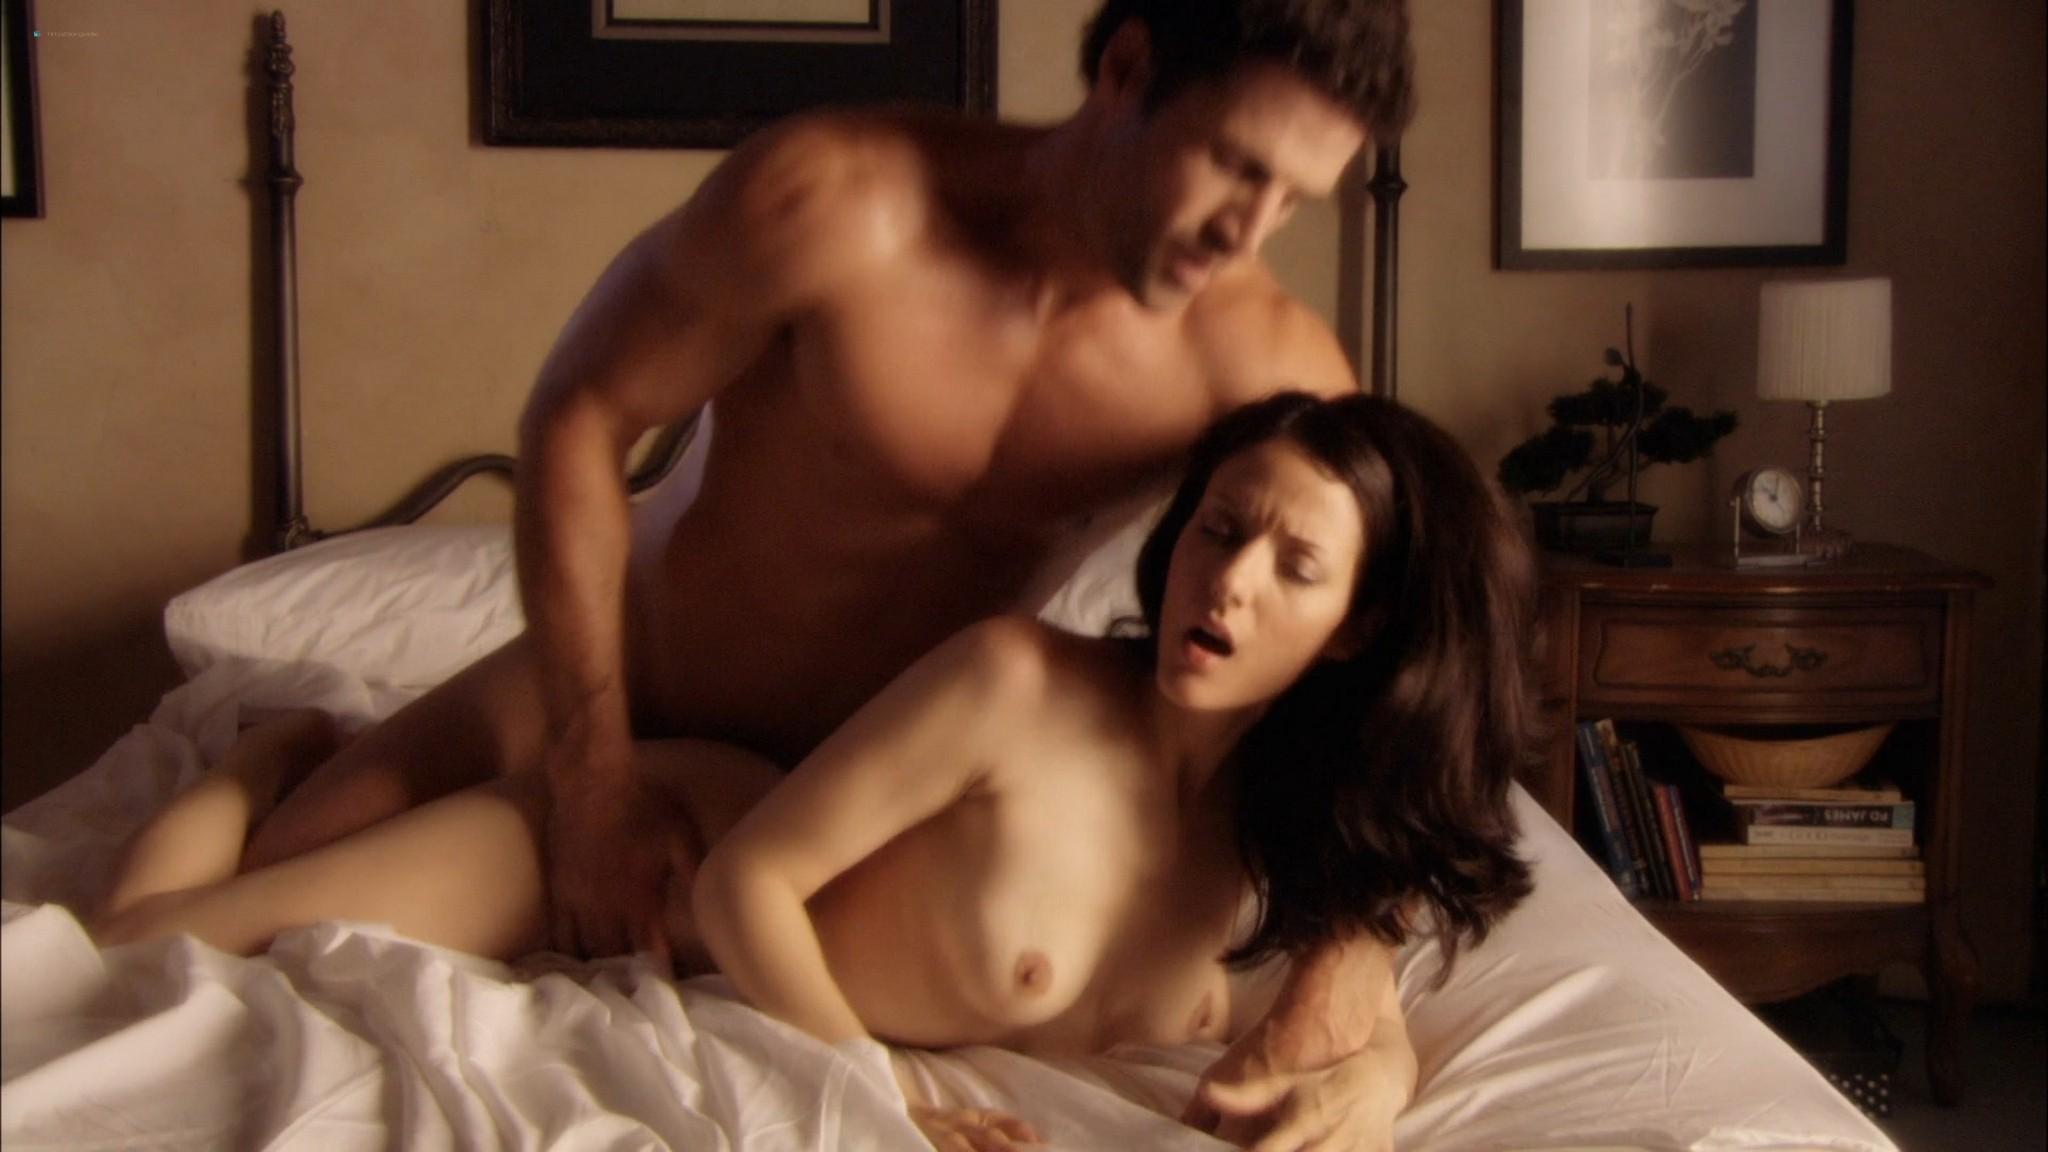 Noelle DuBois nude sex Jennifer Korbin nude sex too Lingerie 209 s2e9 1080p 6